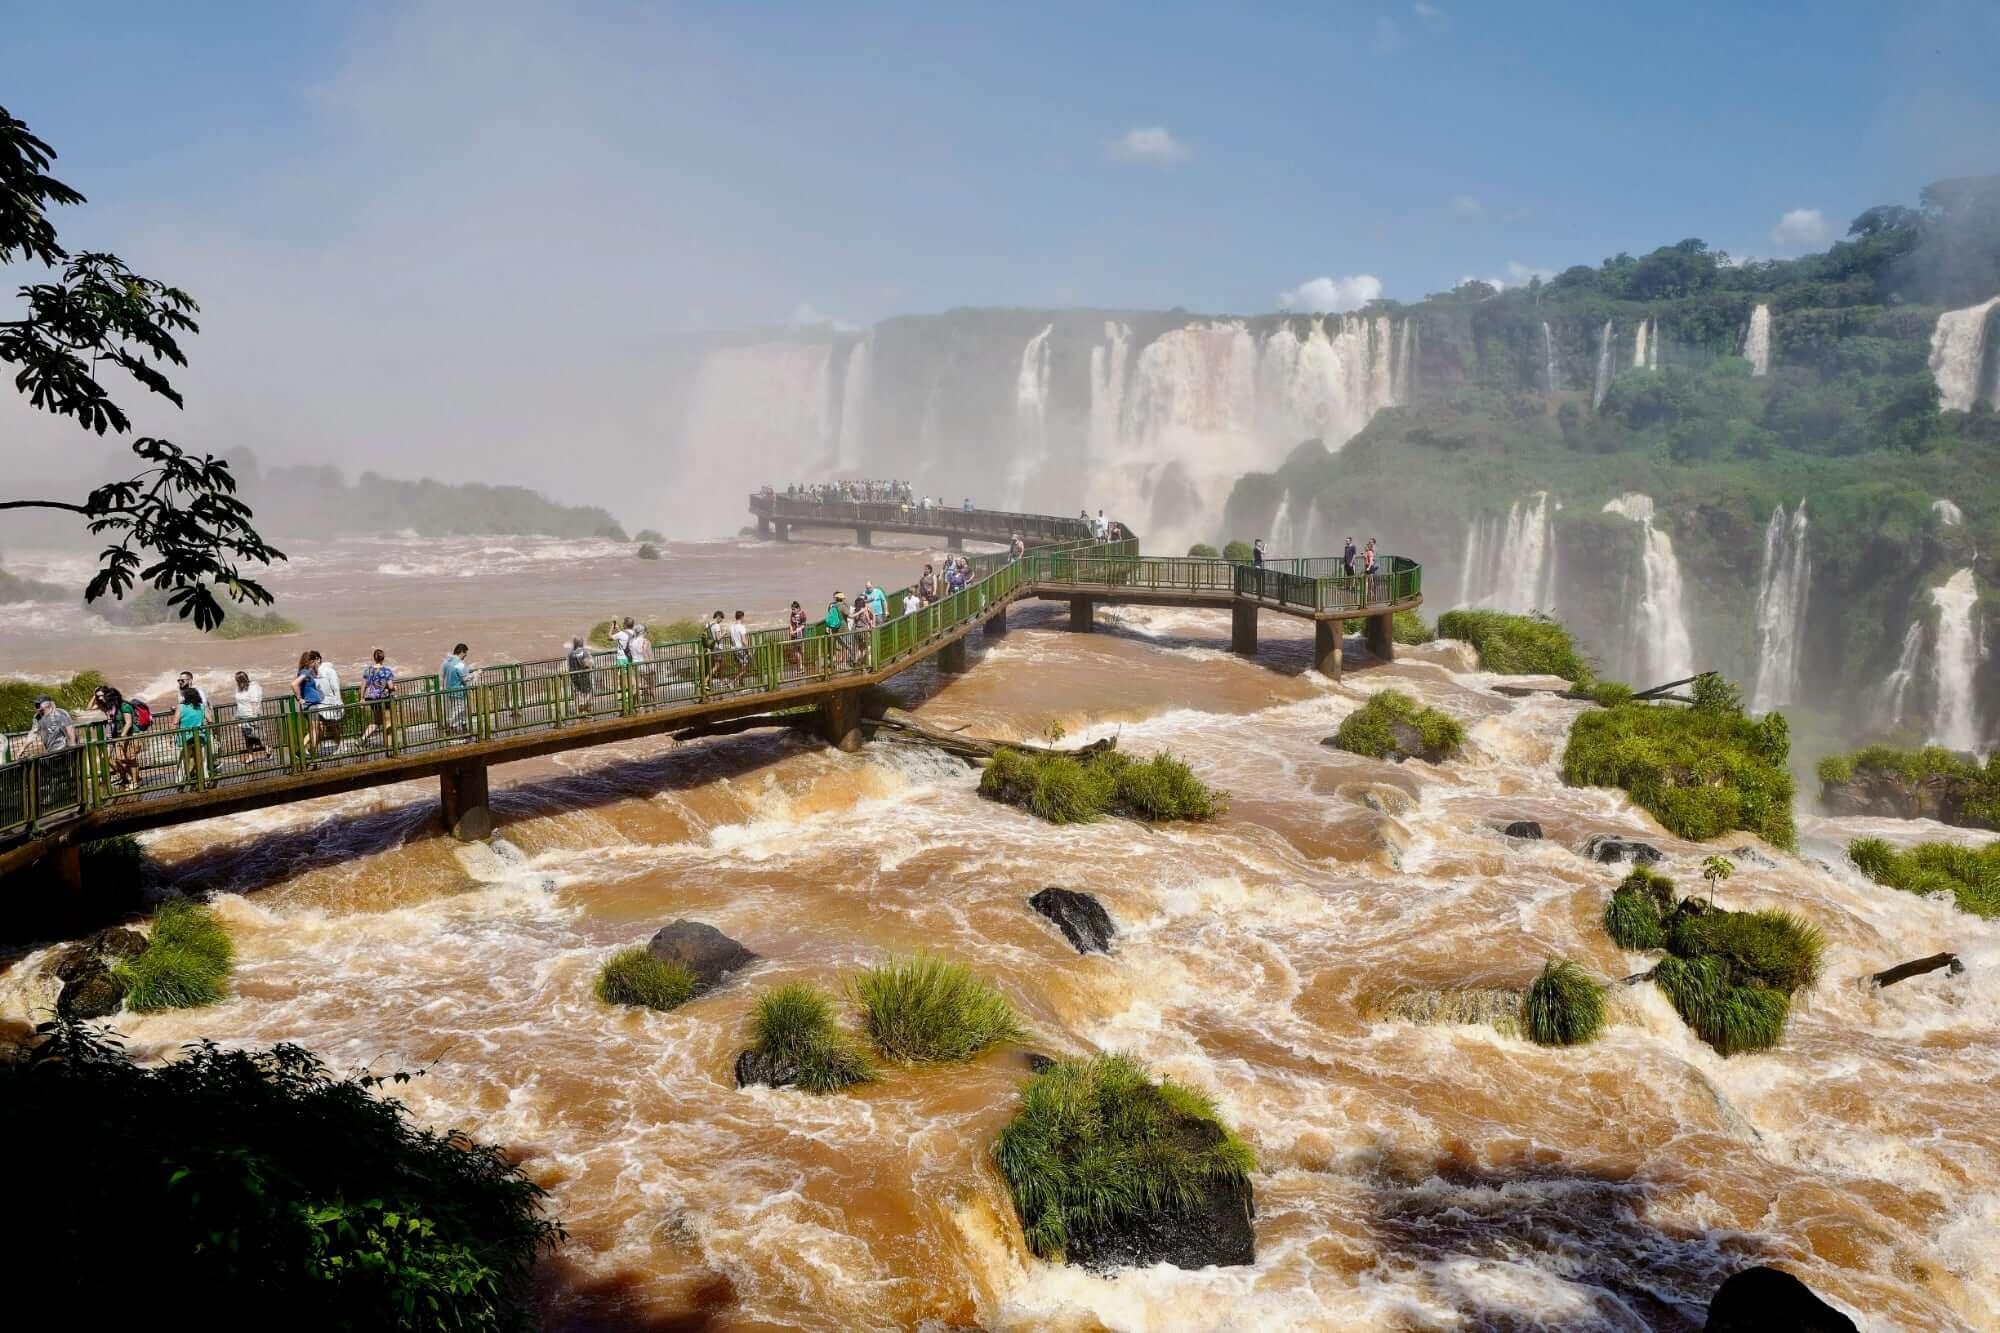 Iguazu Falls from nearby